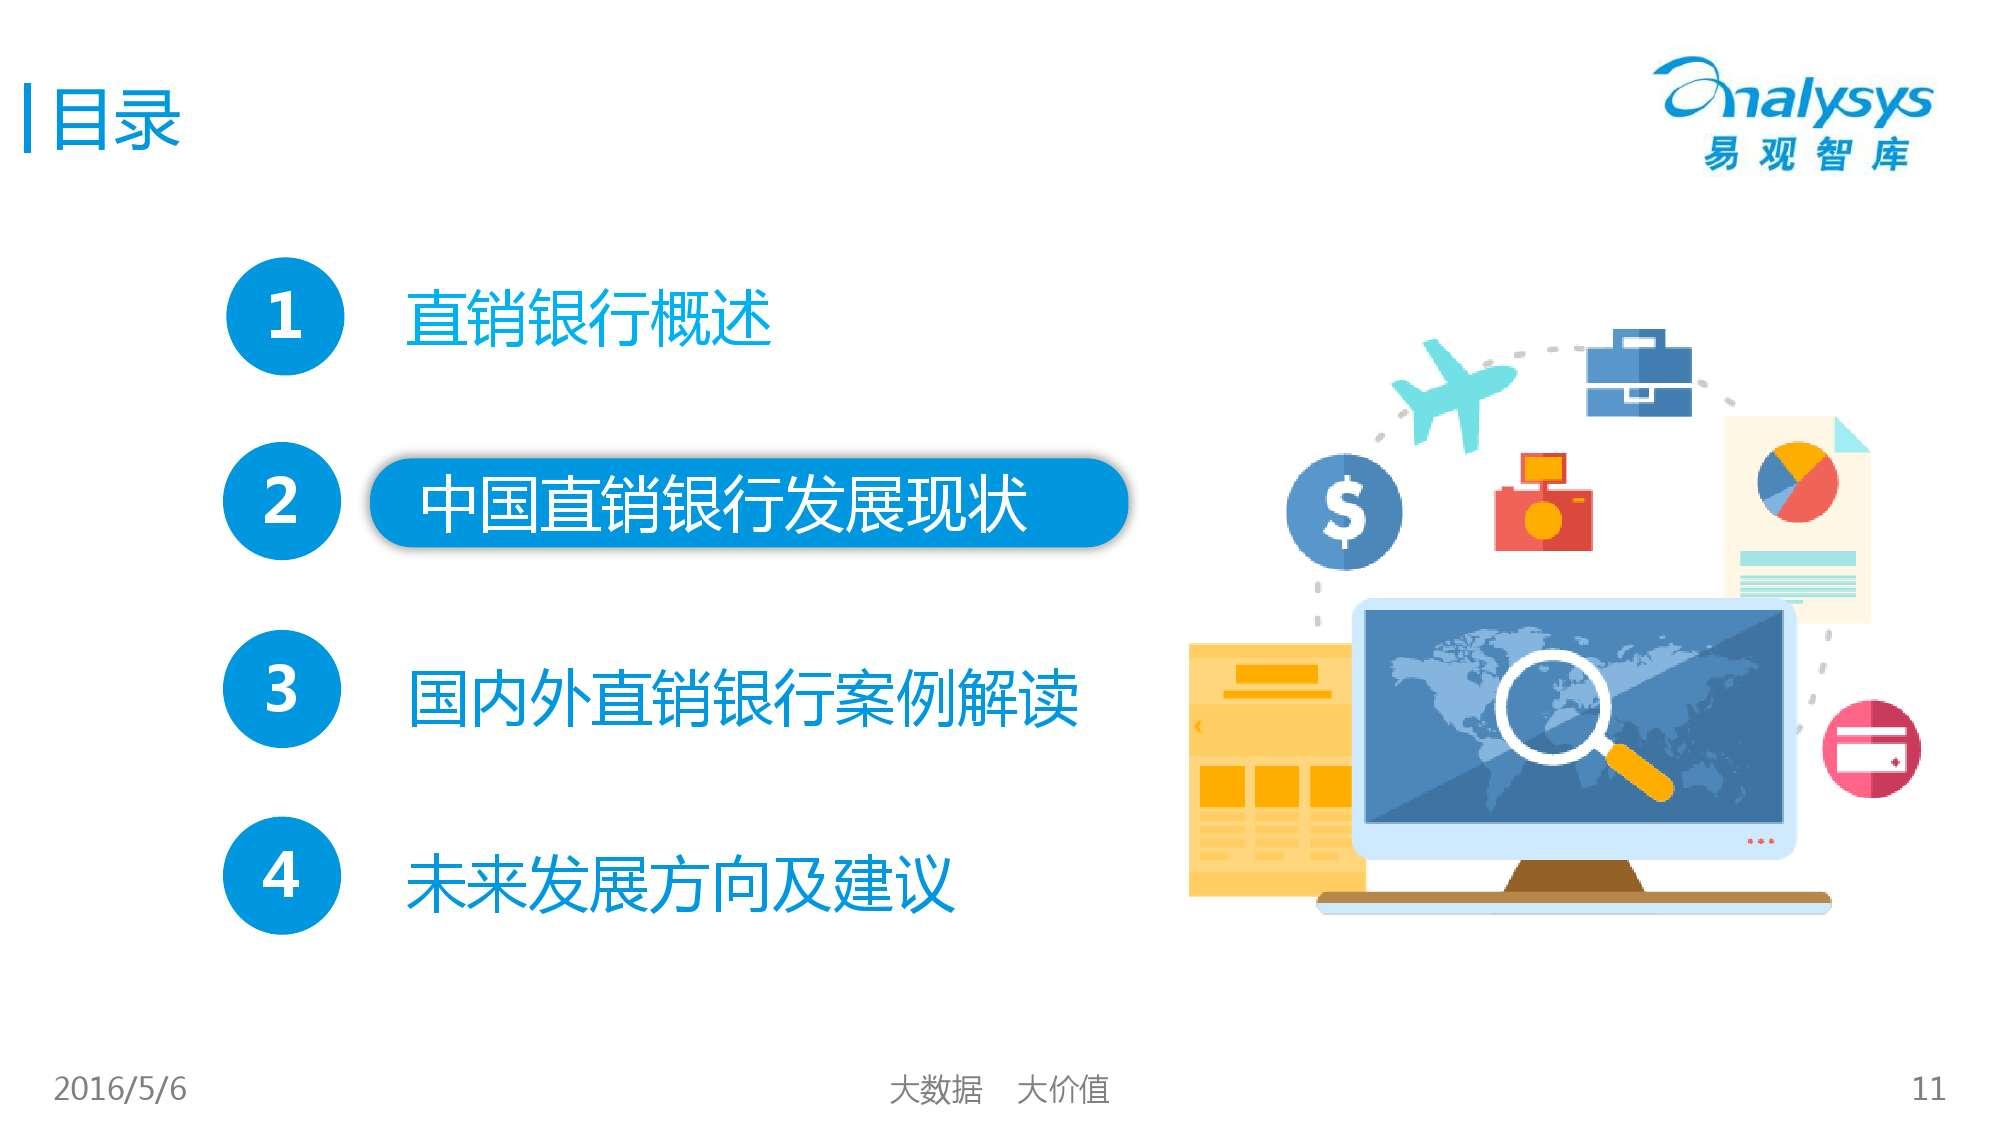 2016年中国直销银行市场专题研究报告_000011